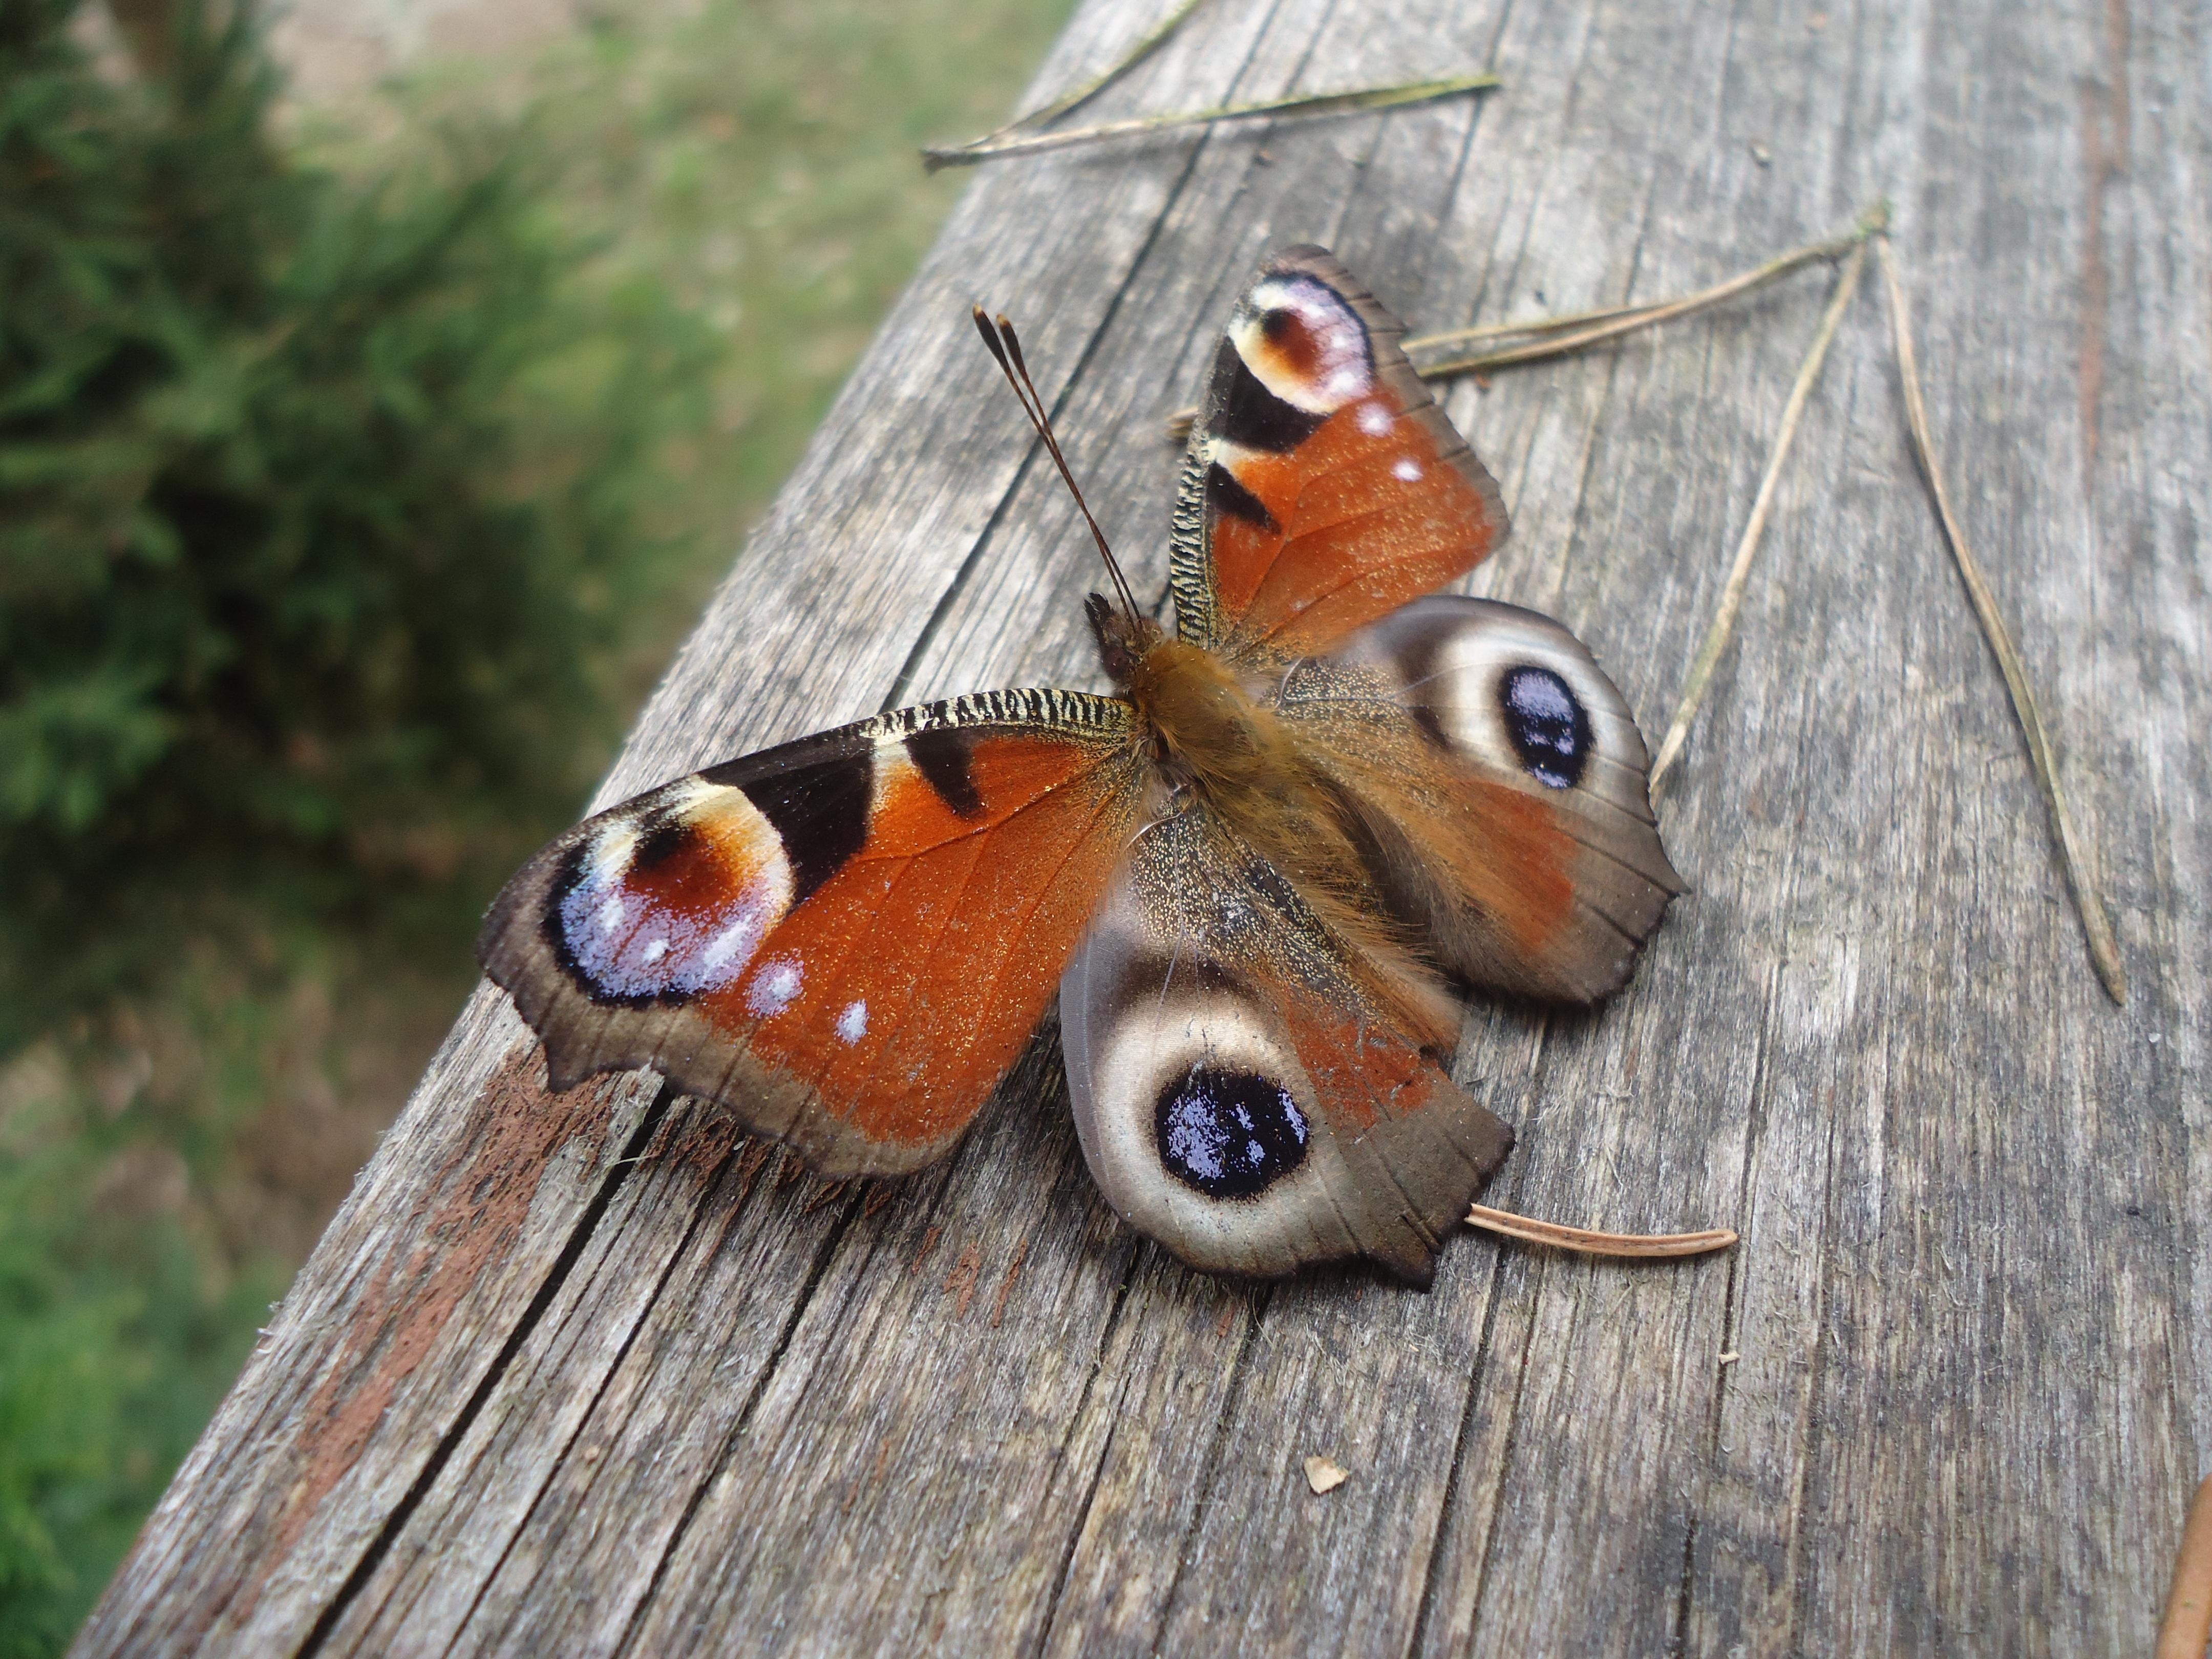 Fotoğraf Vahşi Hayat Böcek Güve Fauna Omurgasız Boyama